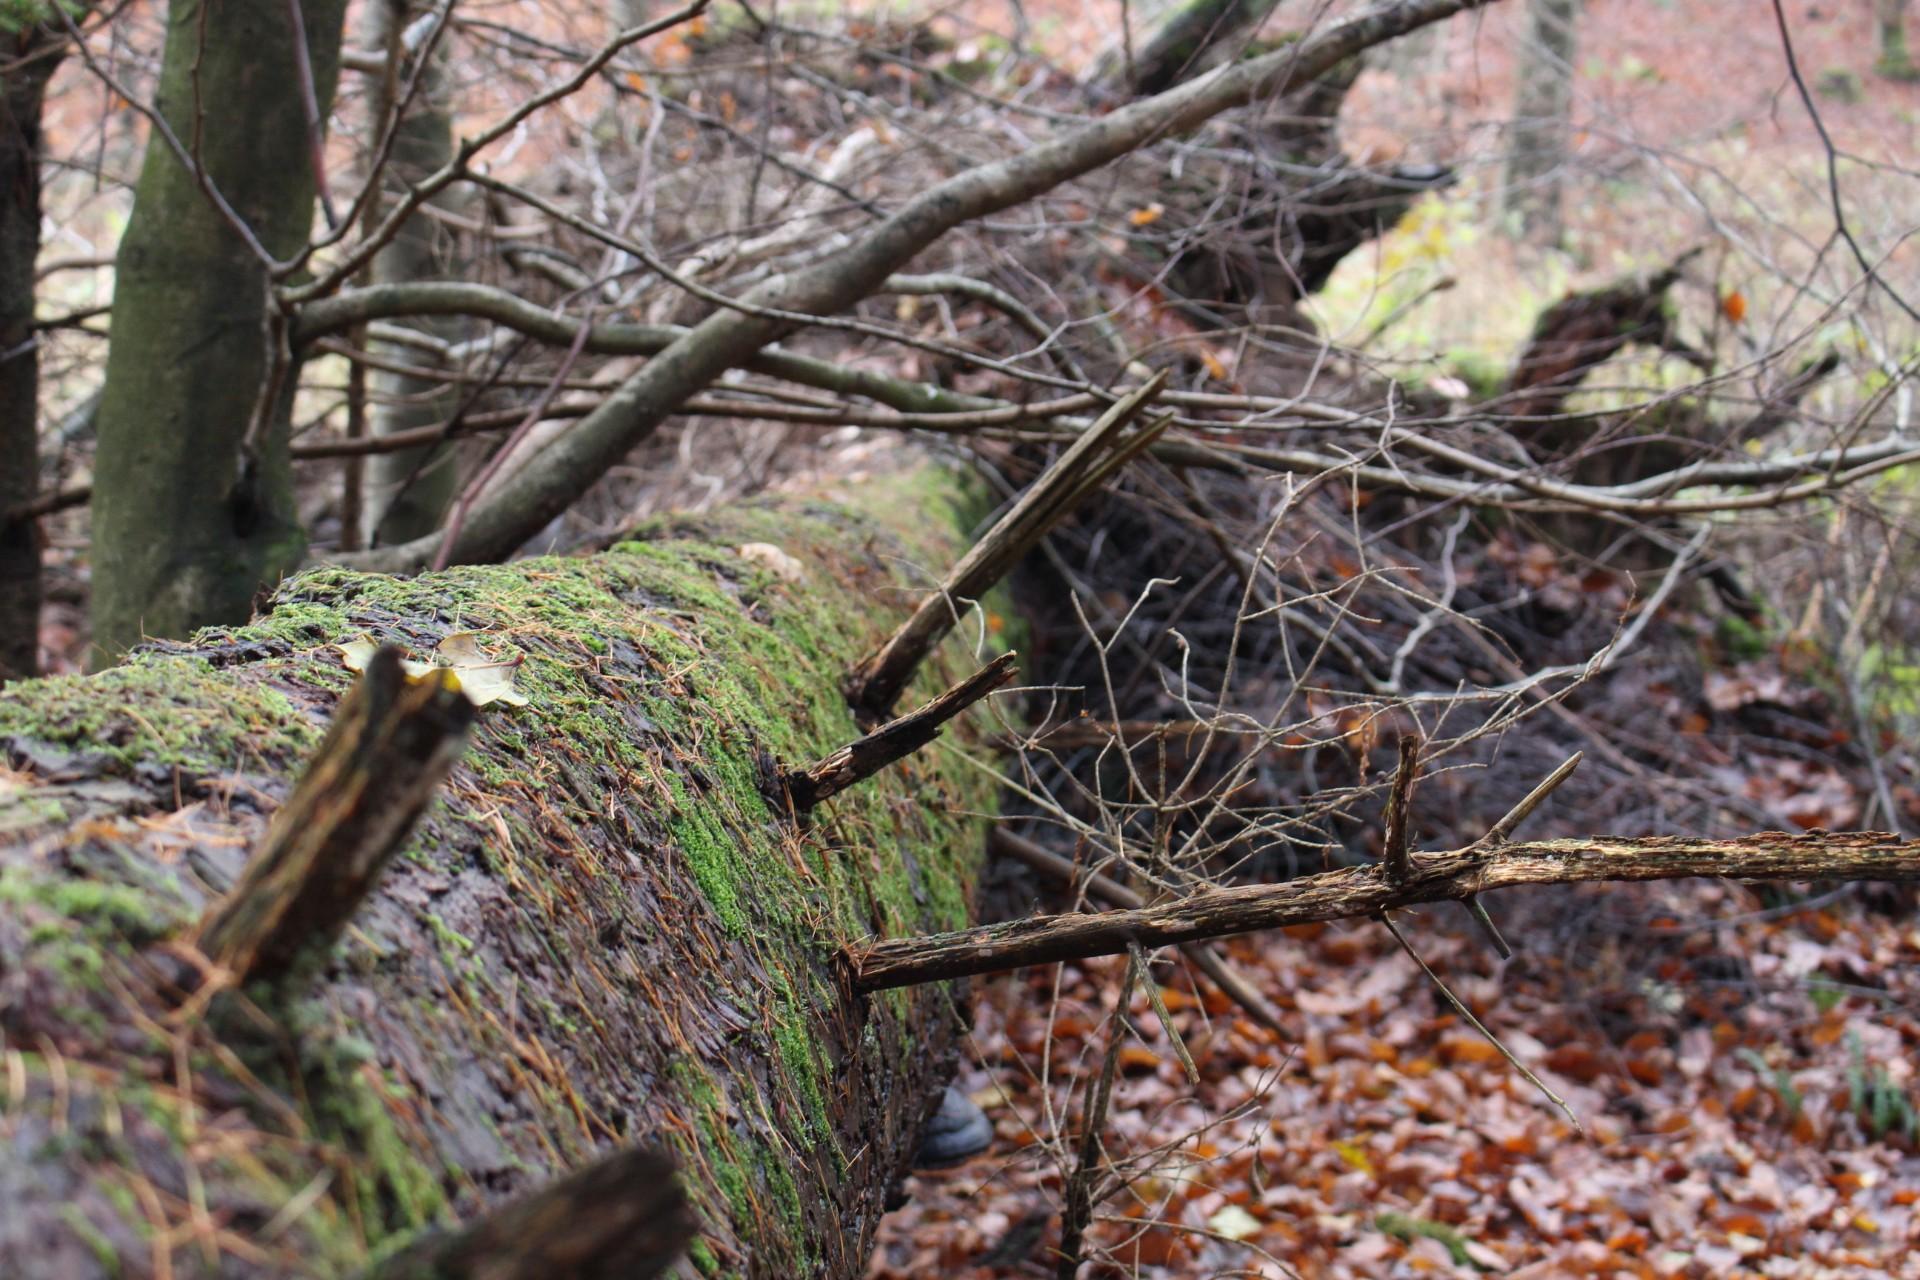 Færre døde træer i naturen=Færre levesteder til truede dyr